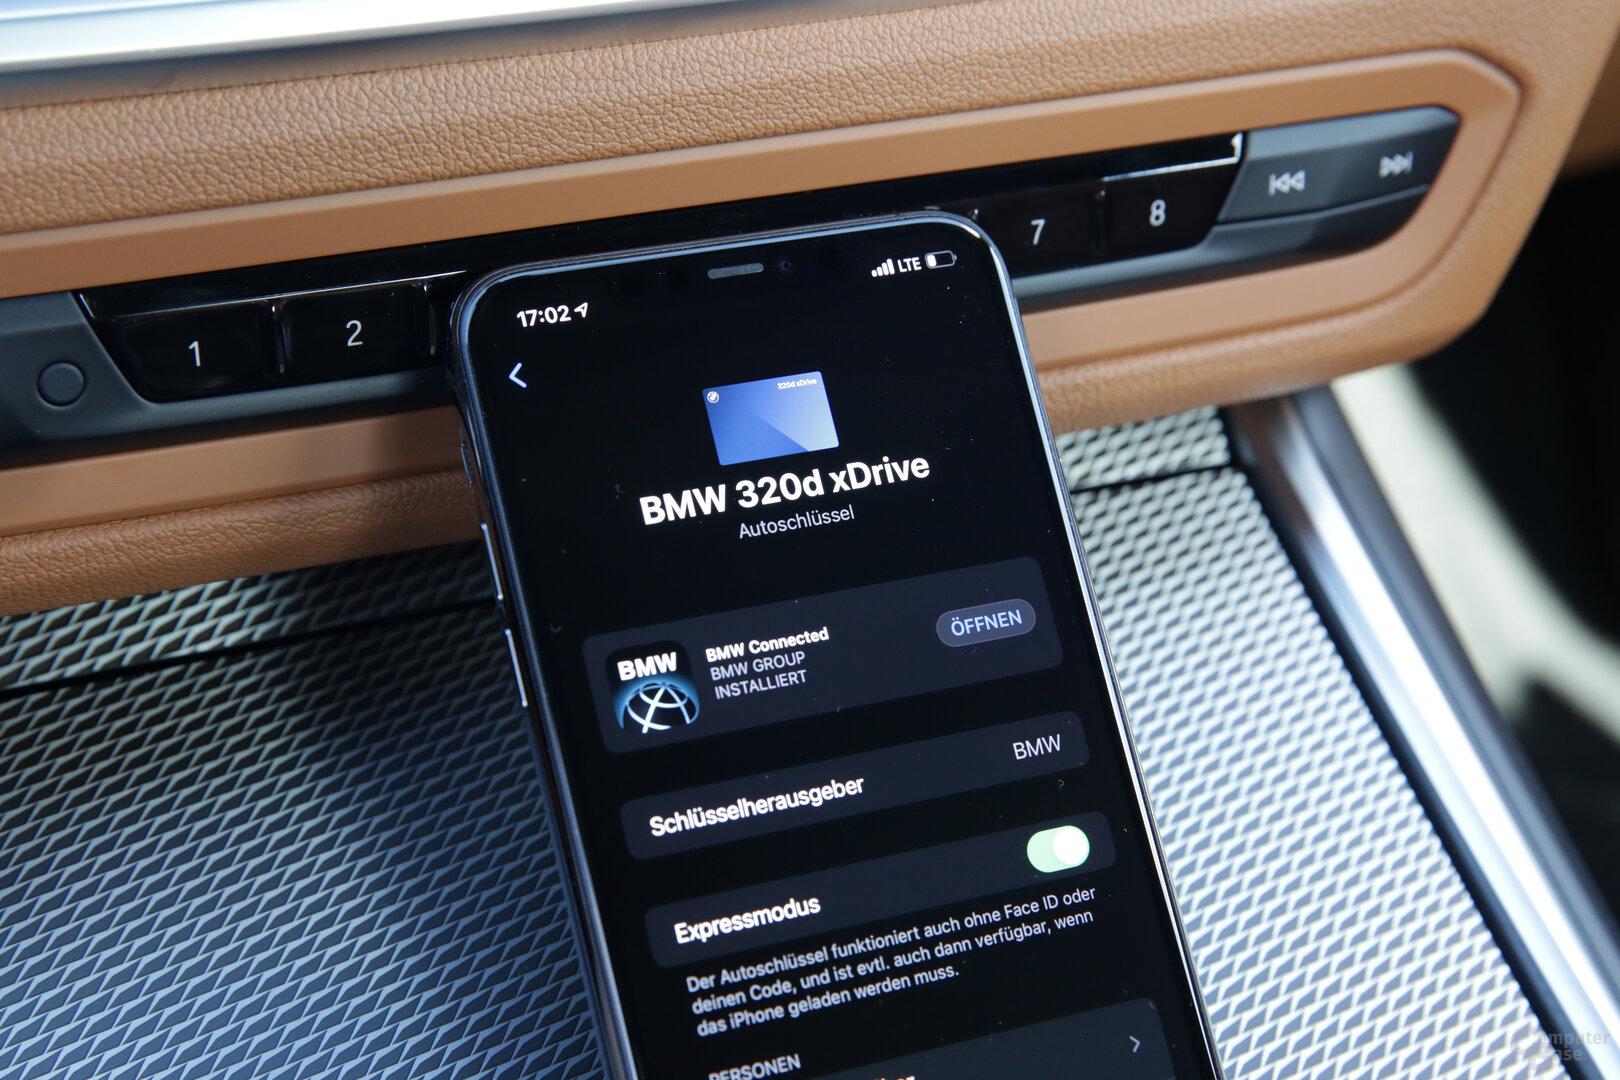 Digital Key nach der Einrichtung in der Apple Wallet